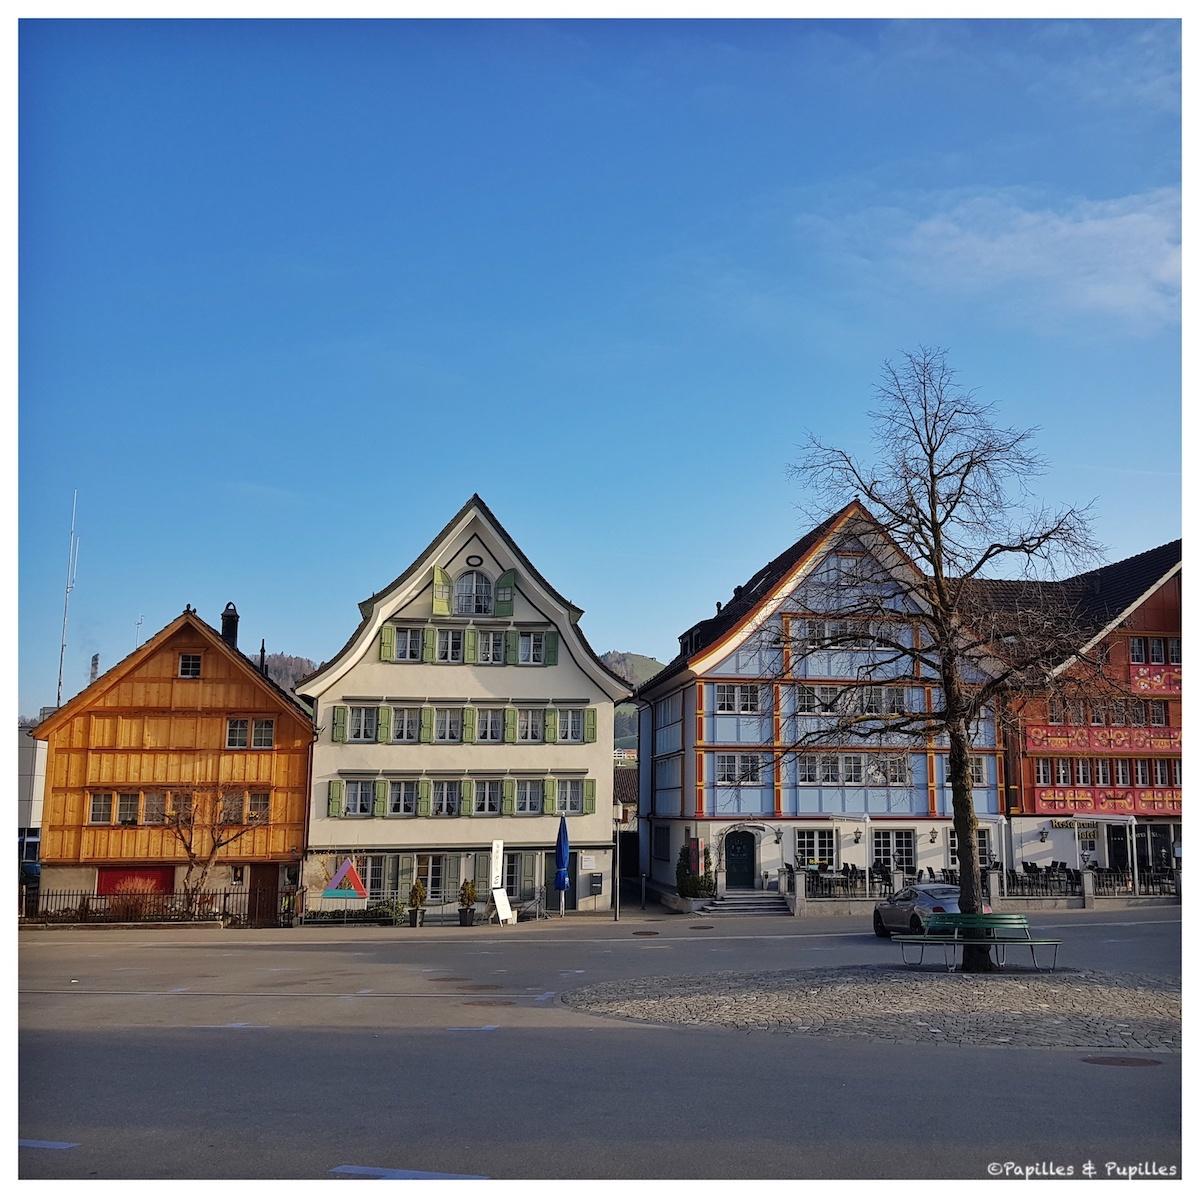 Place Landsgemeinde, Appenzell